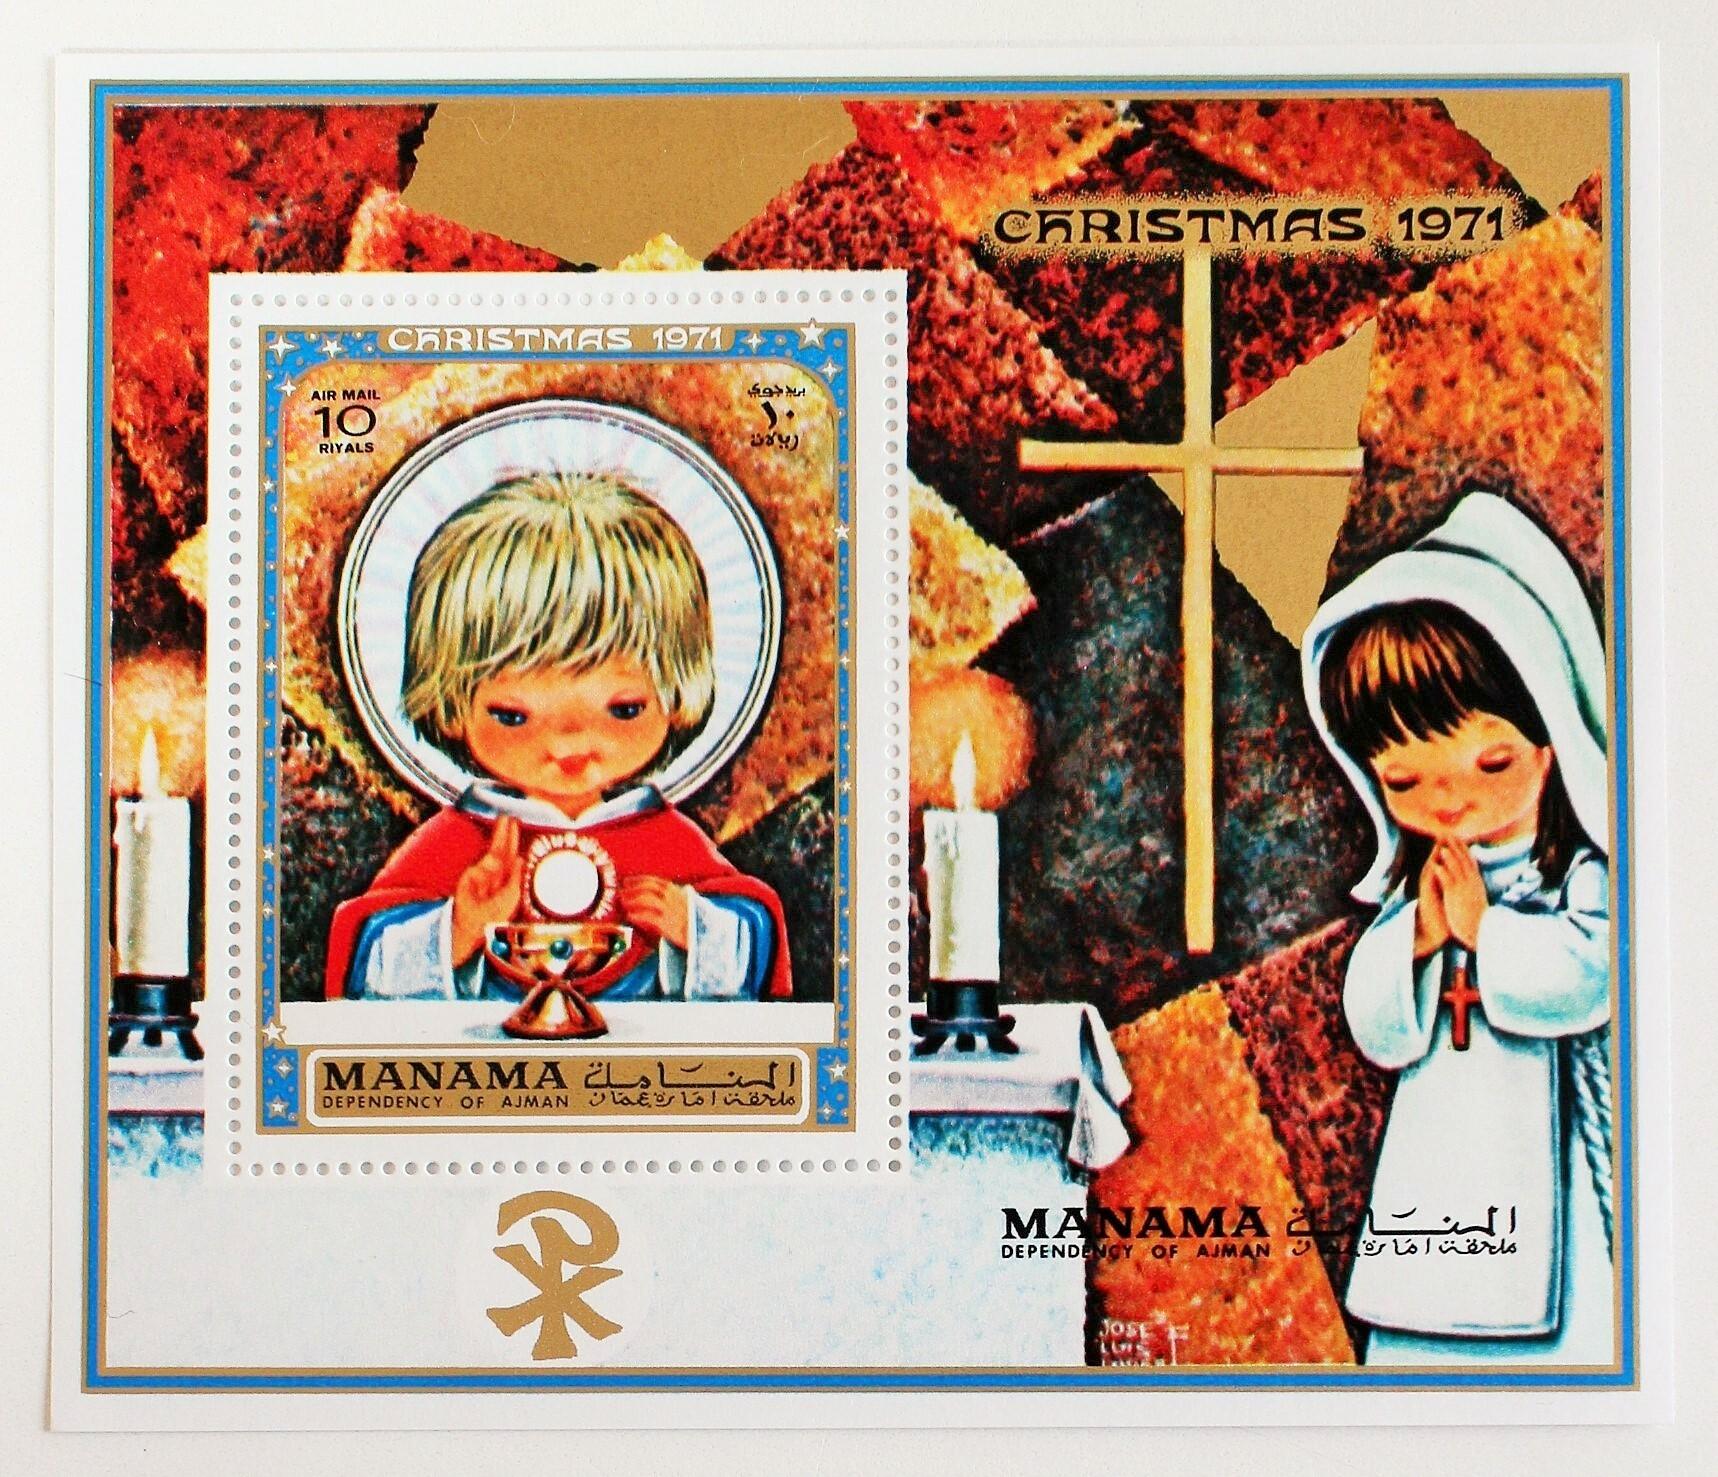 クリスマス シート / マナーマ 1971